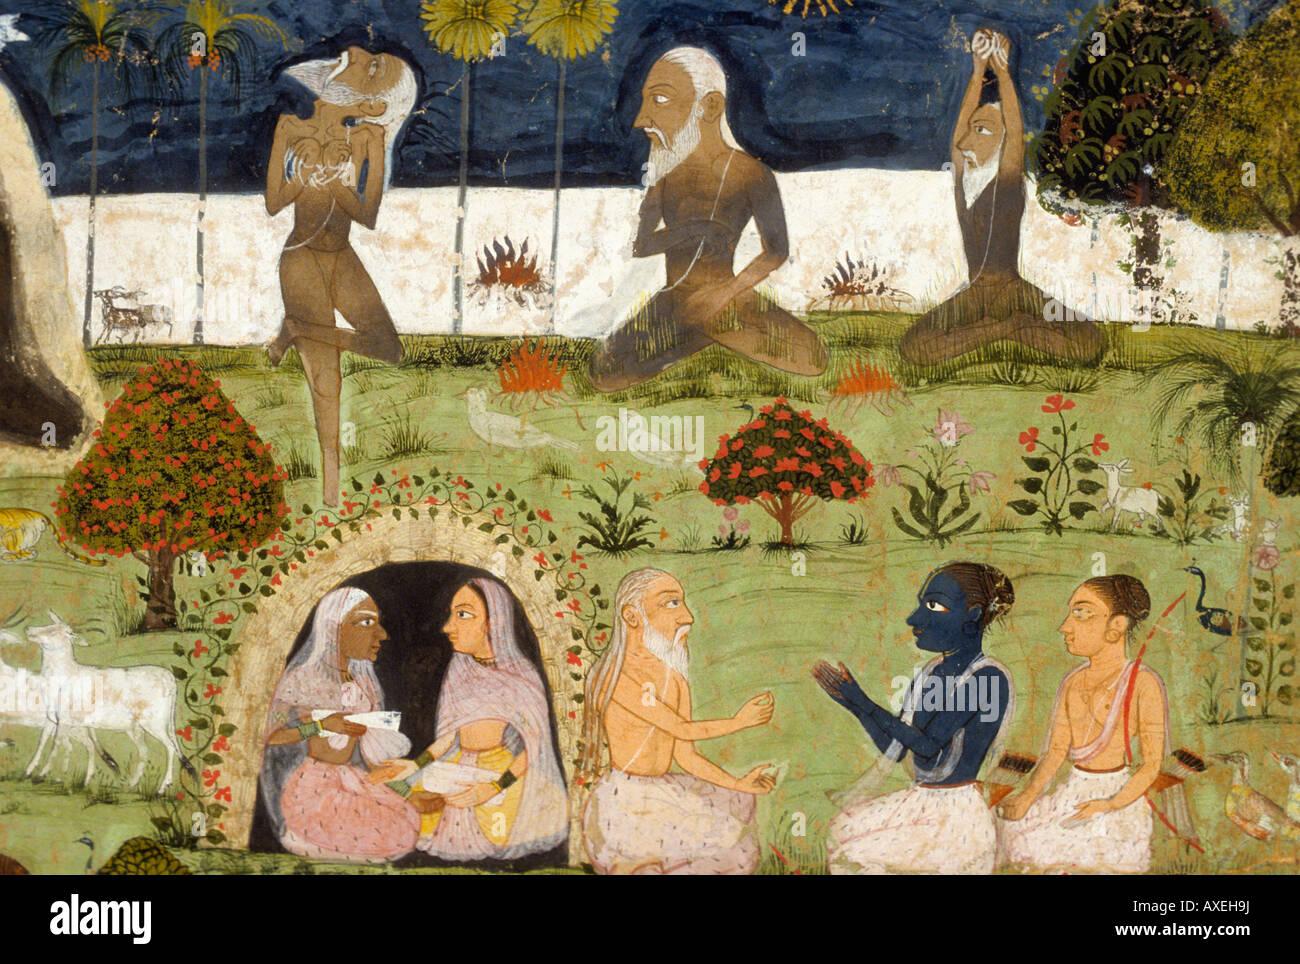 Rama and Lakshmana circa1755 CE Kanoria. Mewar Indian miniature painting, Rajasthan India - Stock Image